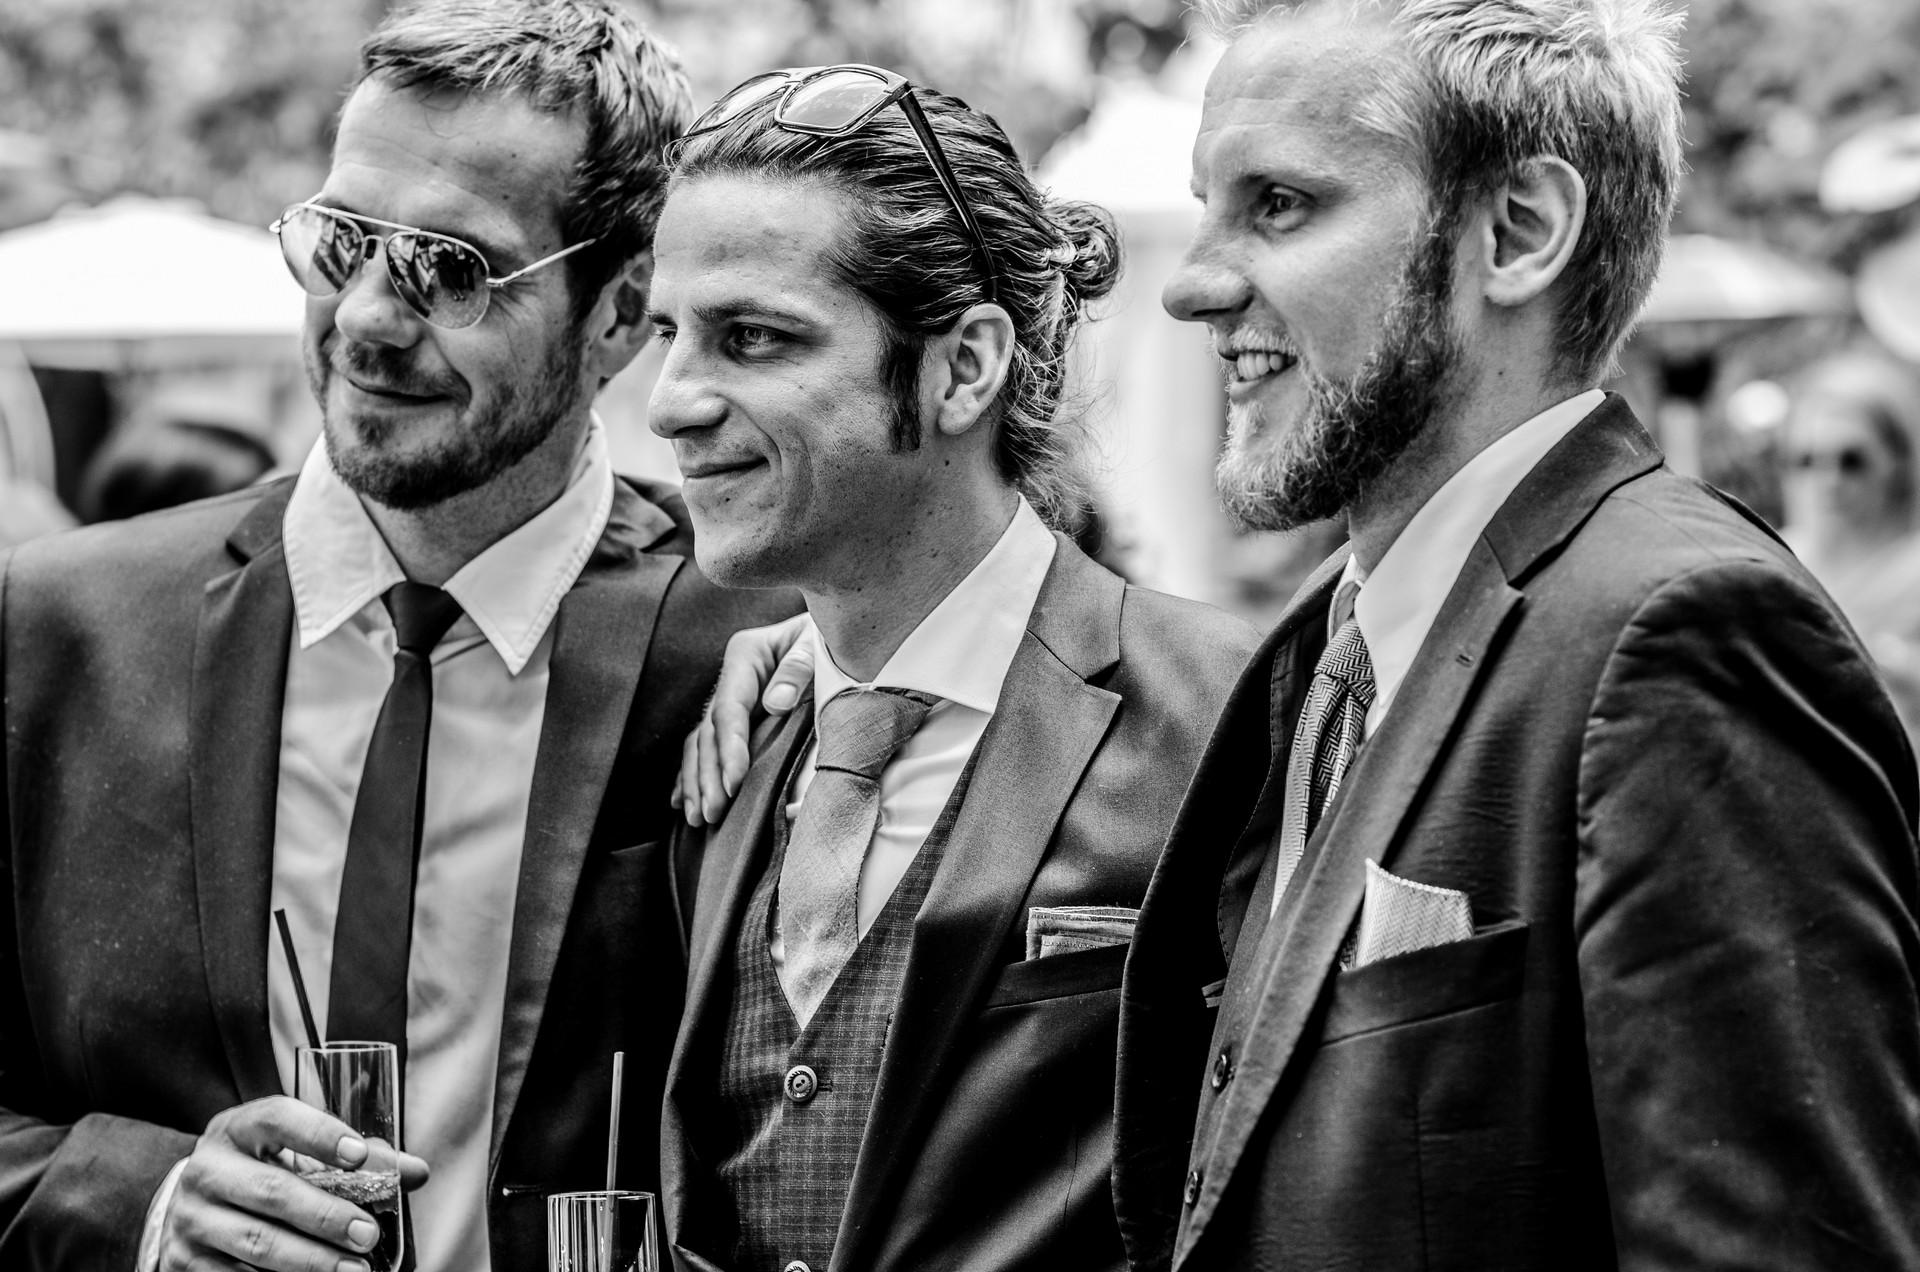 Hochzeitsfotografie Bräutigam mit seinen Jungs